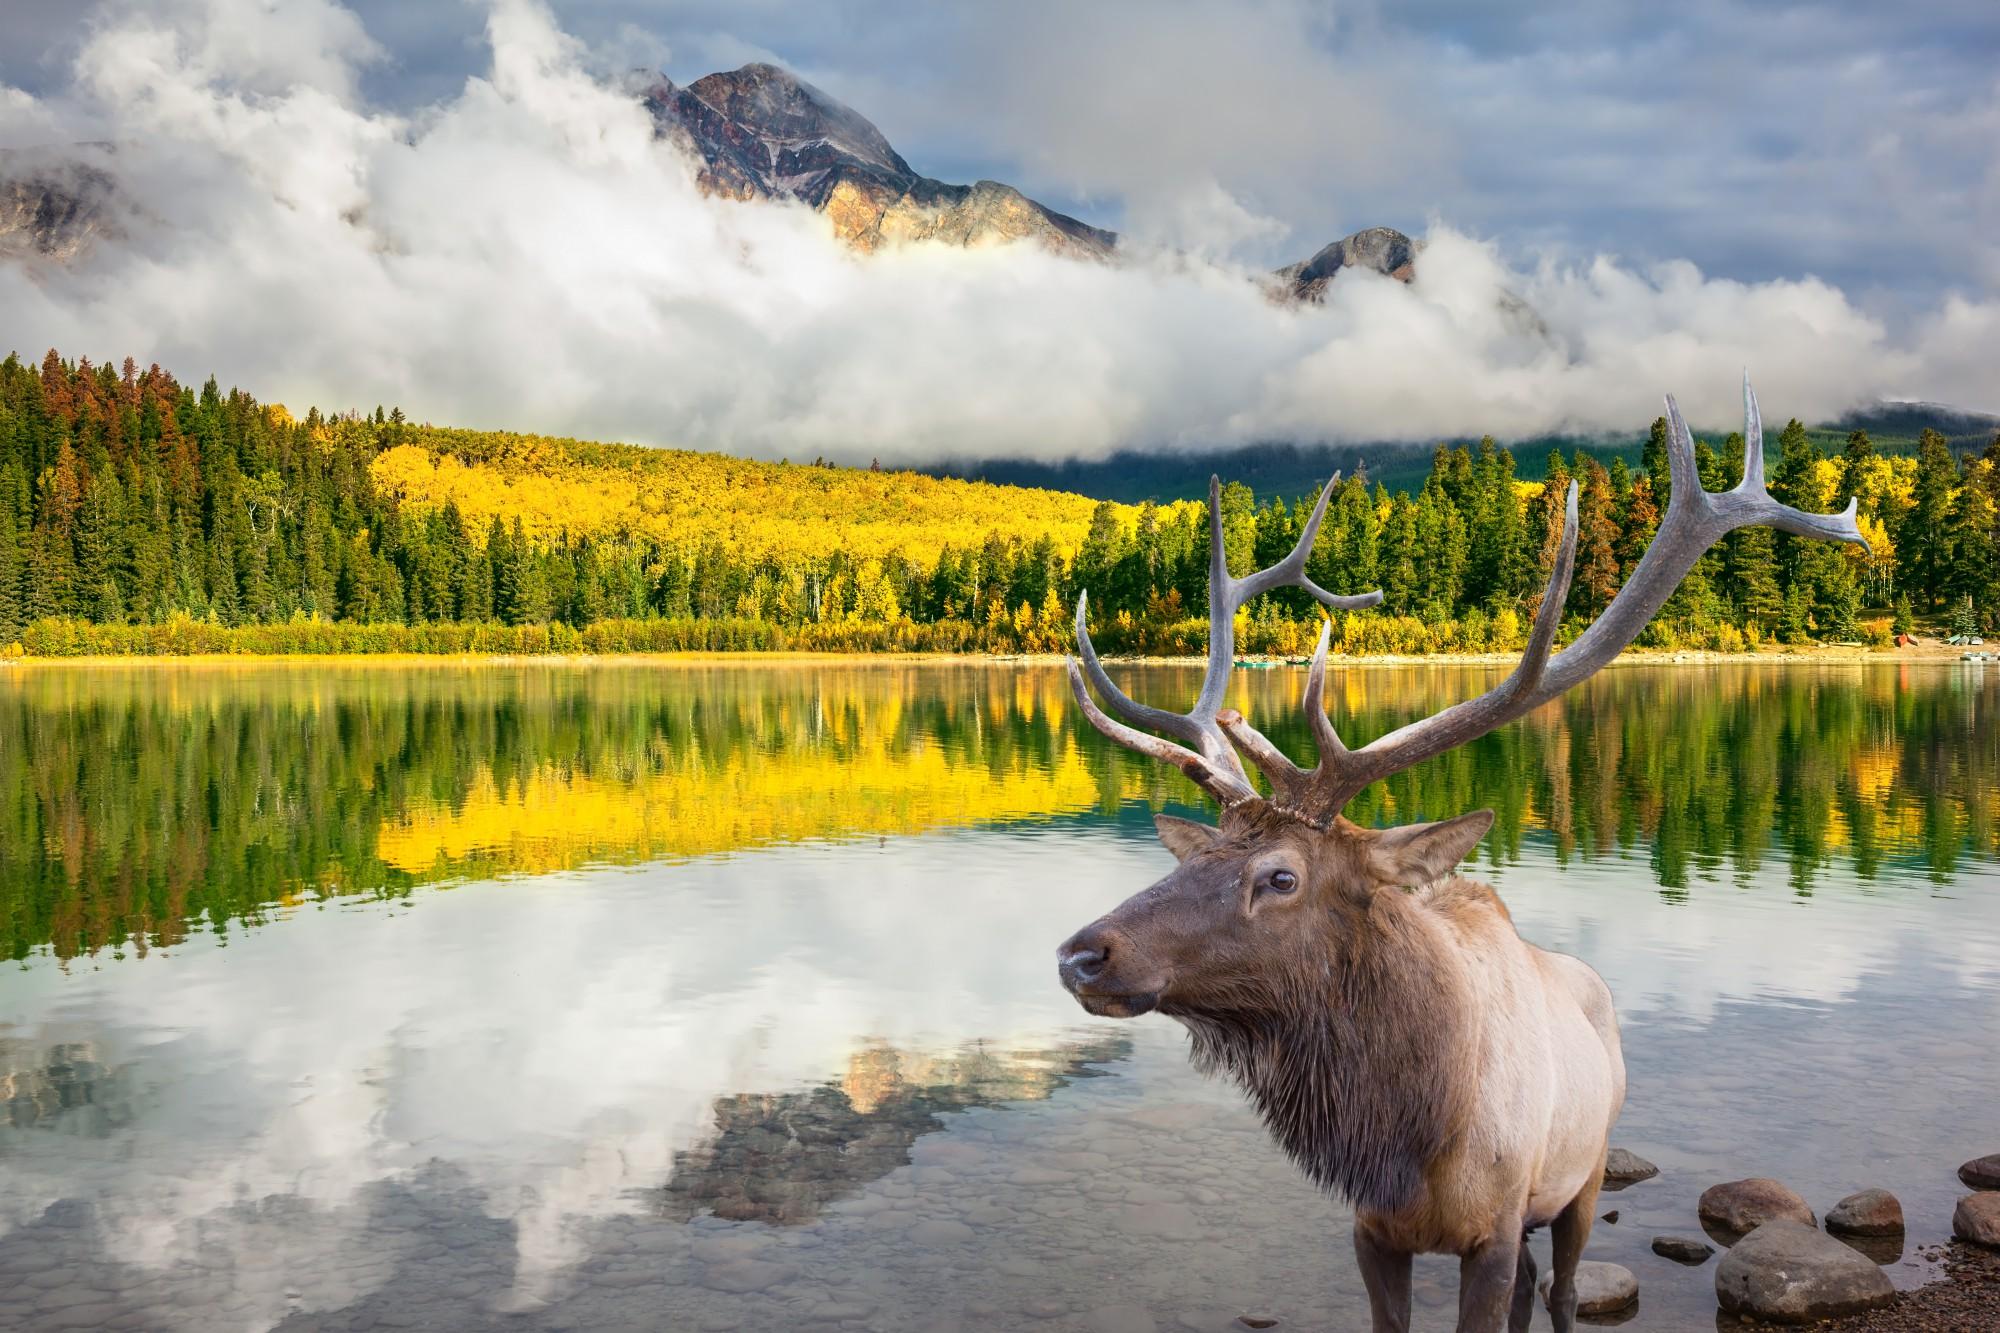 Wapiti v národních parcích